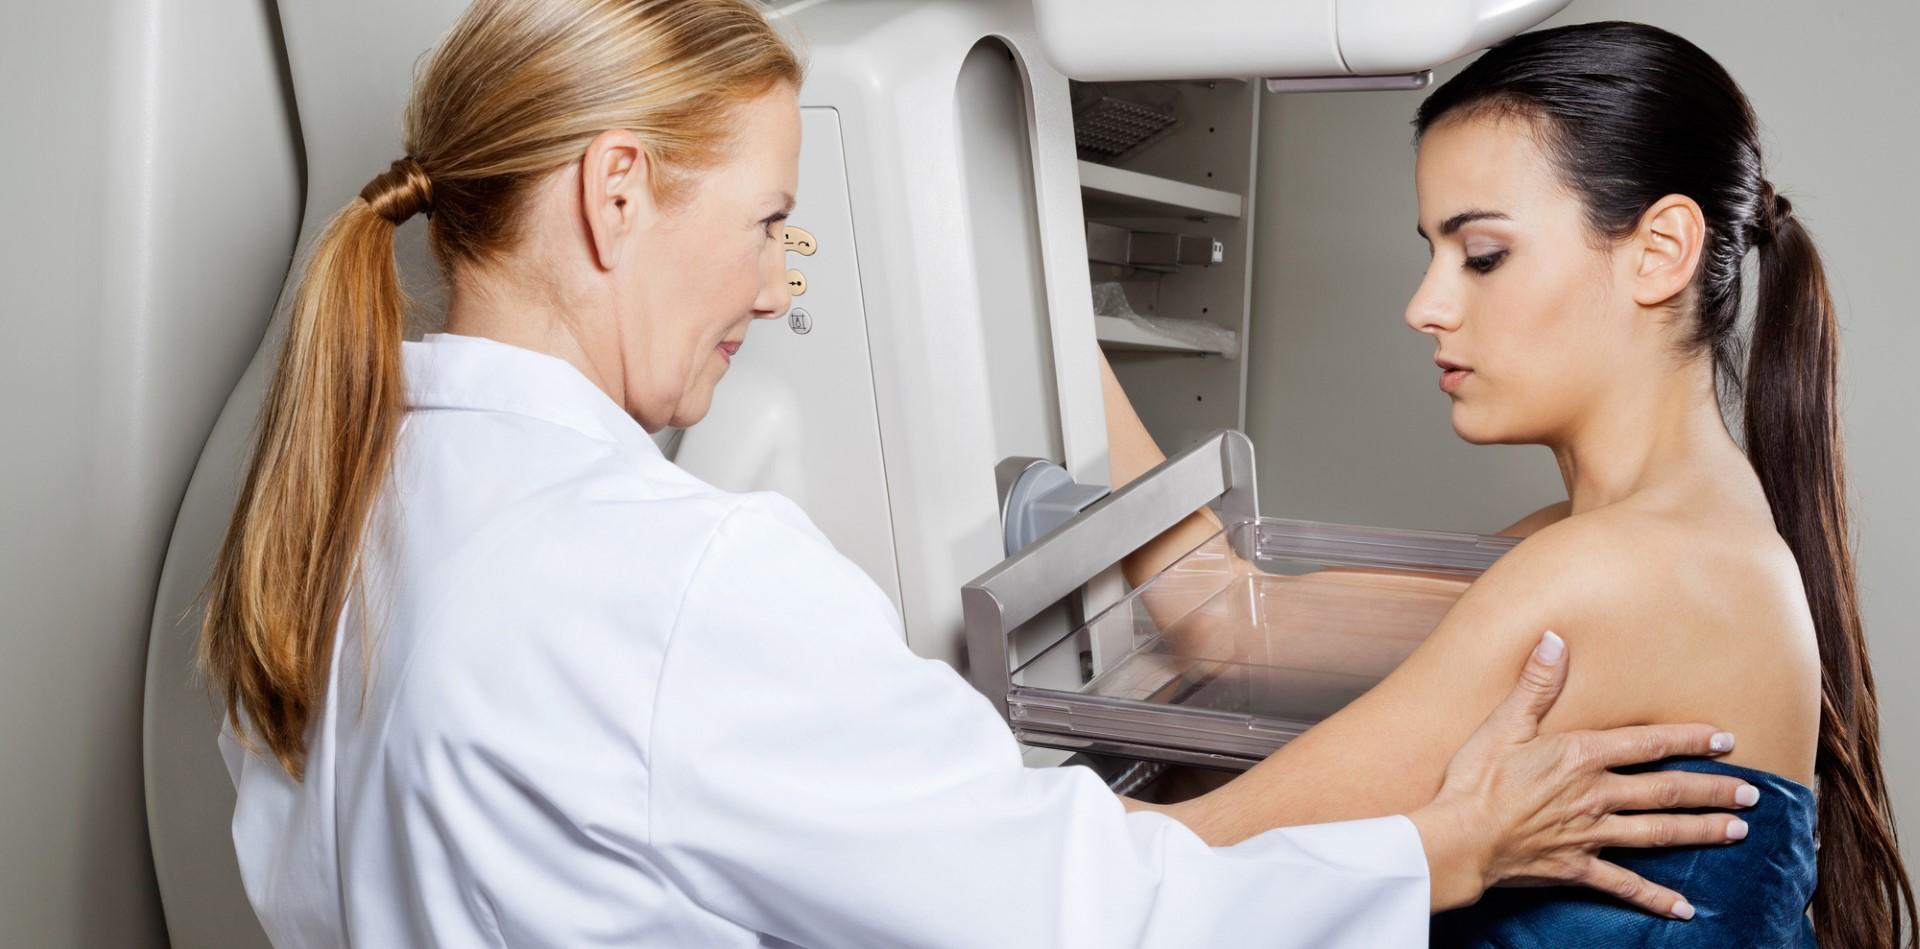 Маммографический этюд в мягких тонах